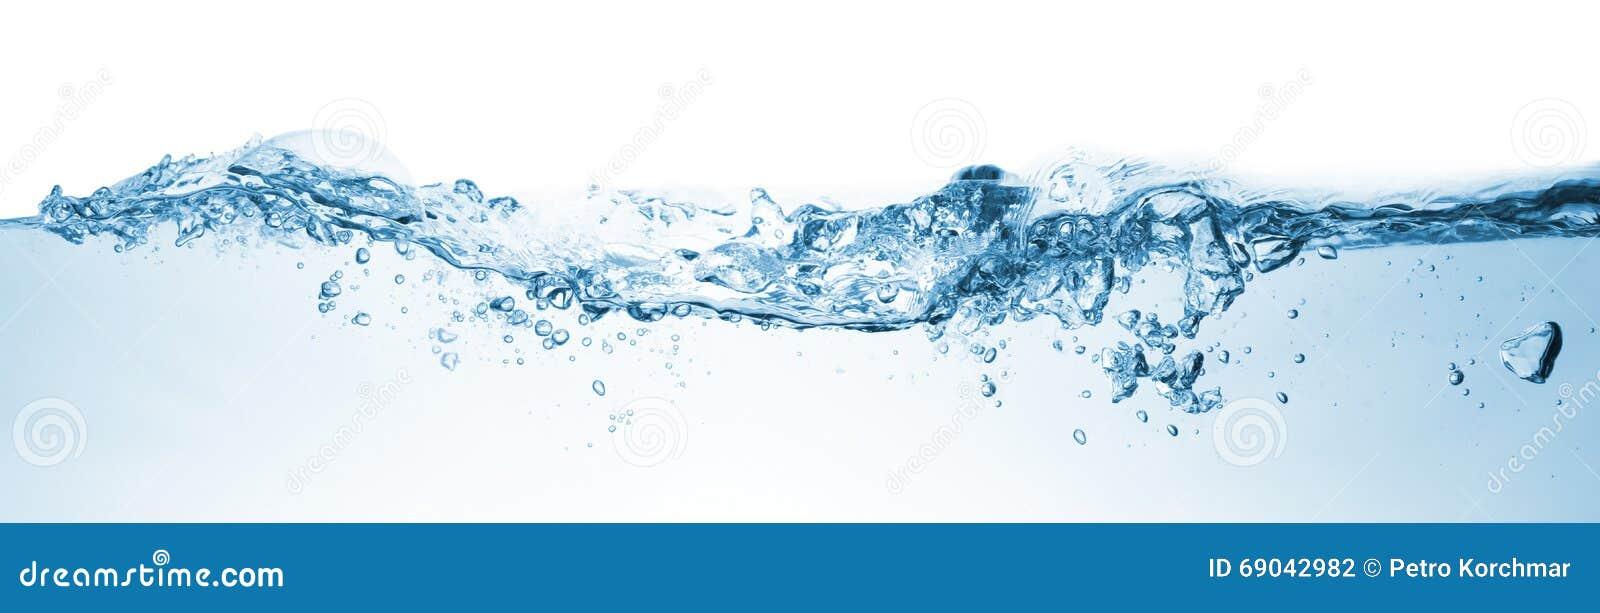 Wave Vatten som plaskar över vit bakgrund